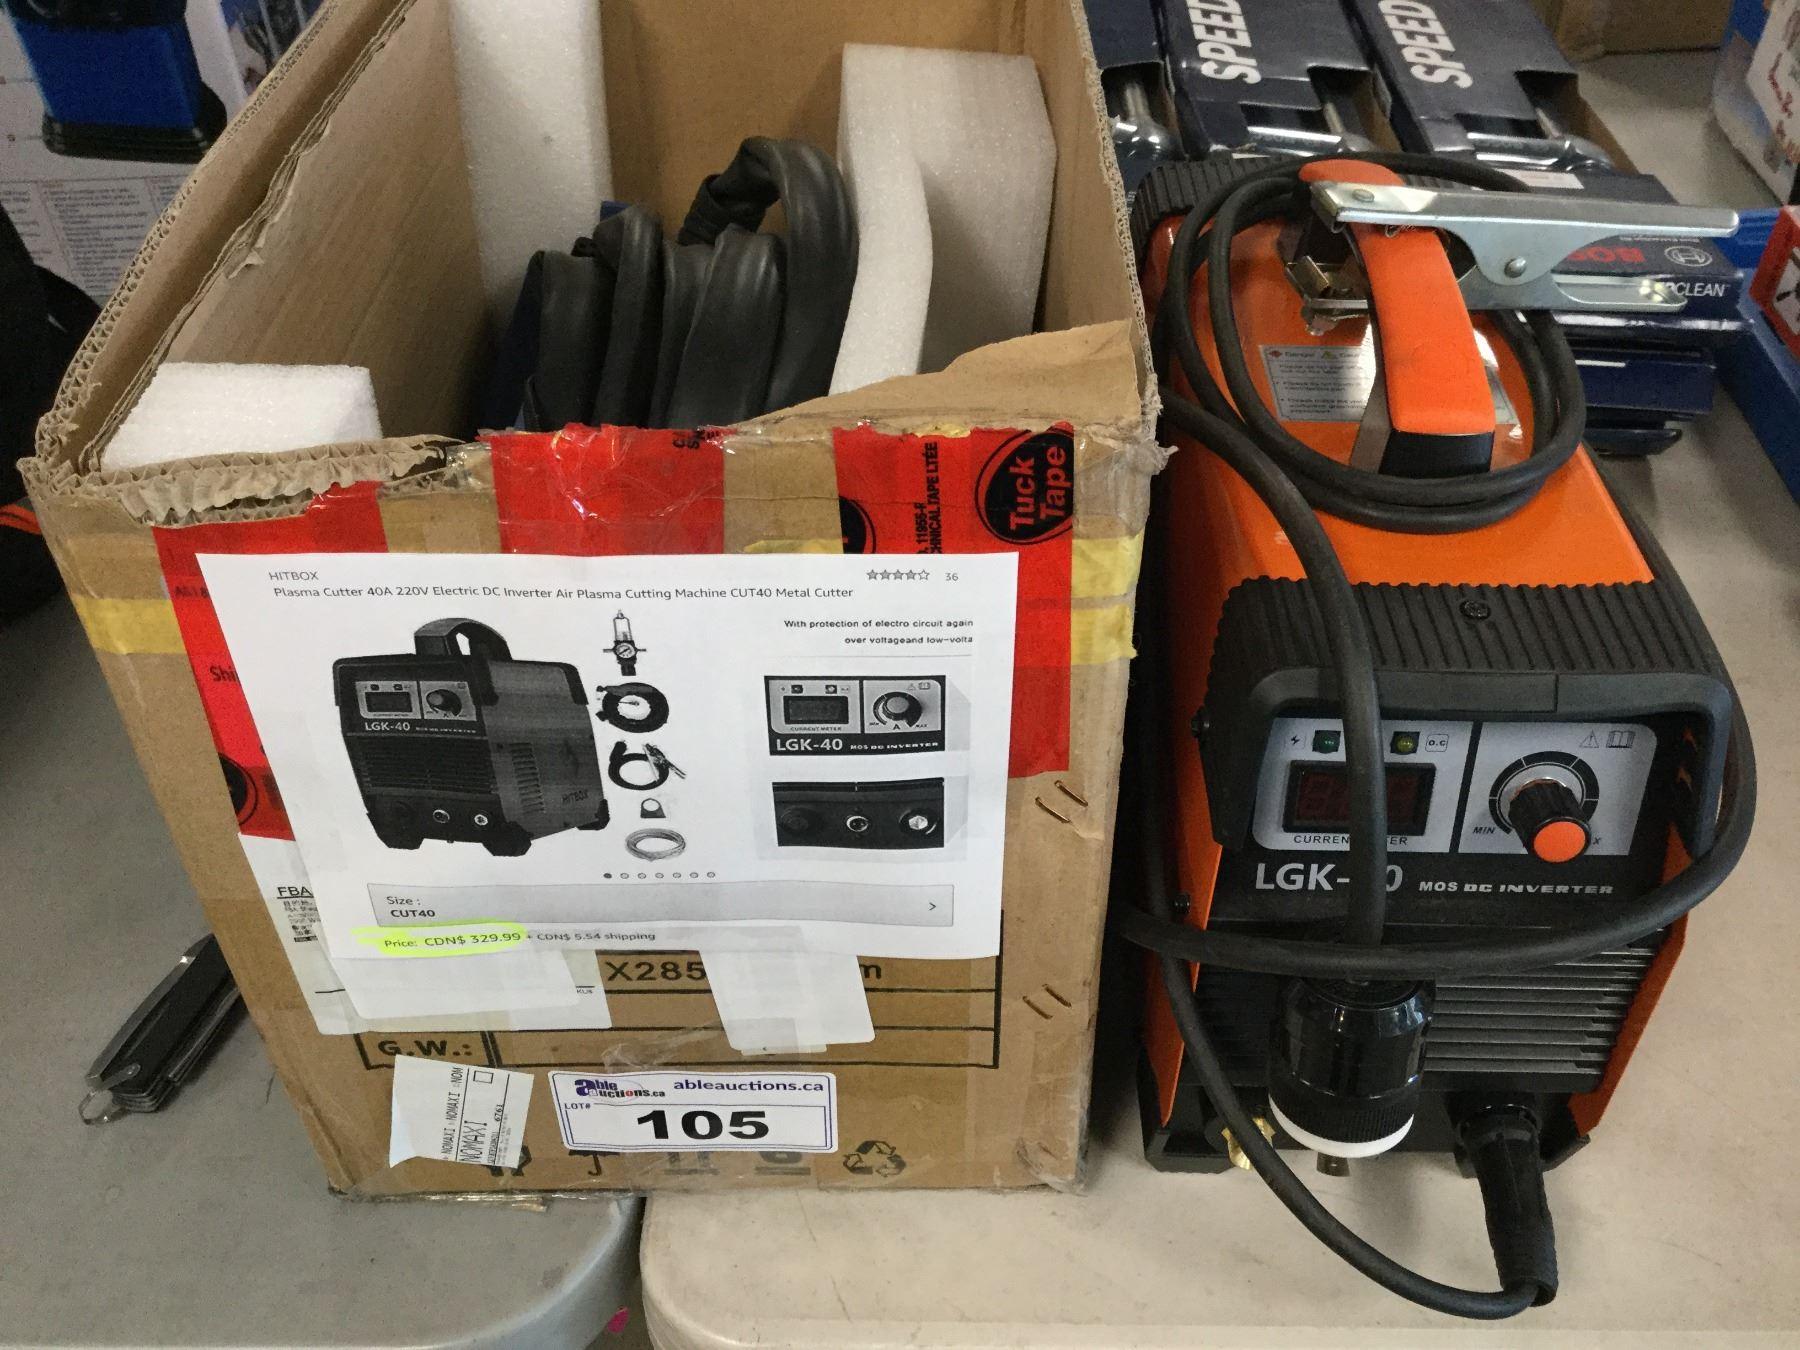 HITBOX CUT40 Plasma Cutter 40A 220V DC Air Plasma Metal Cutter Cutting Machine